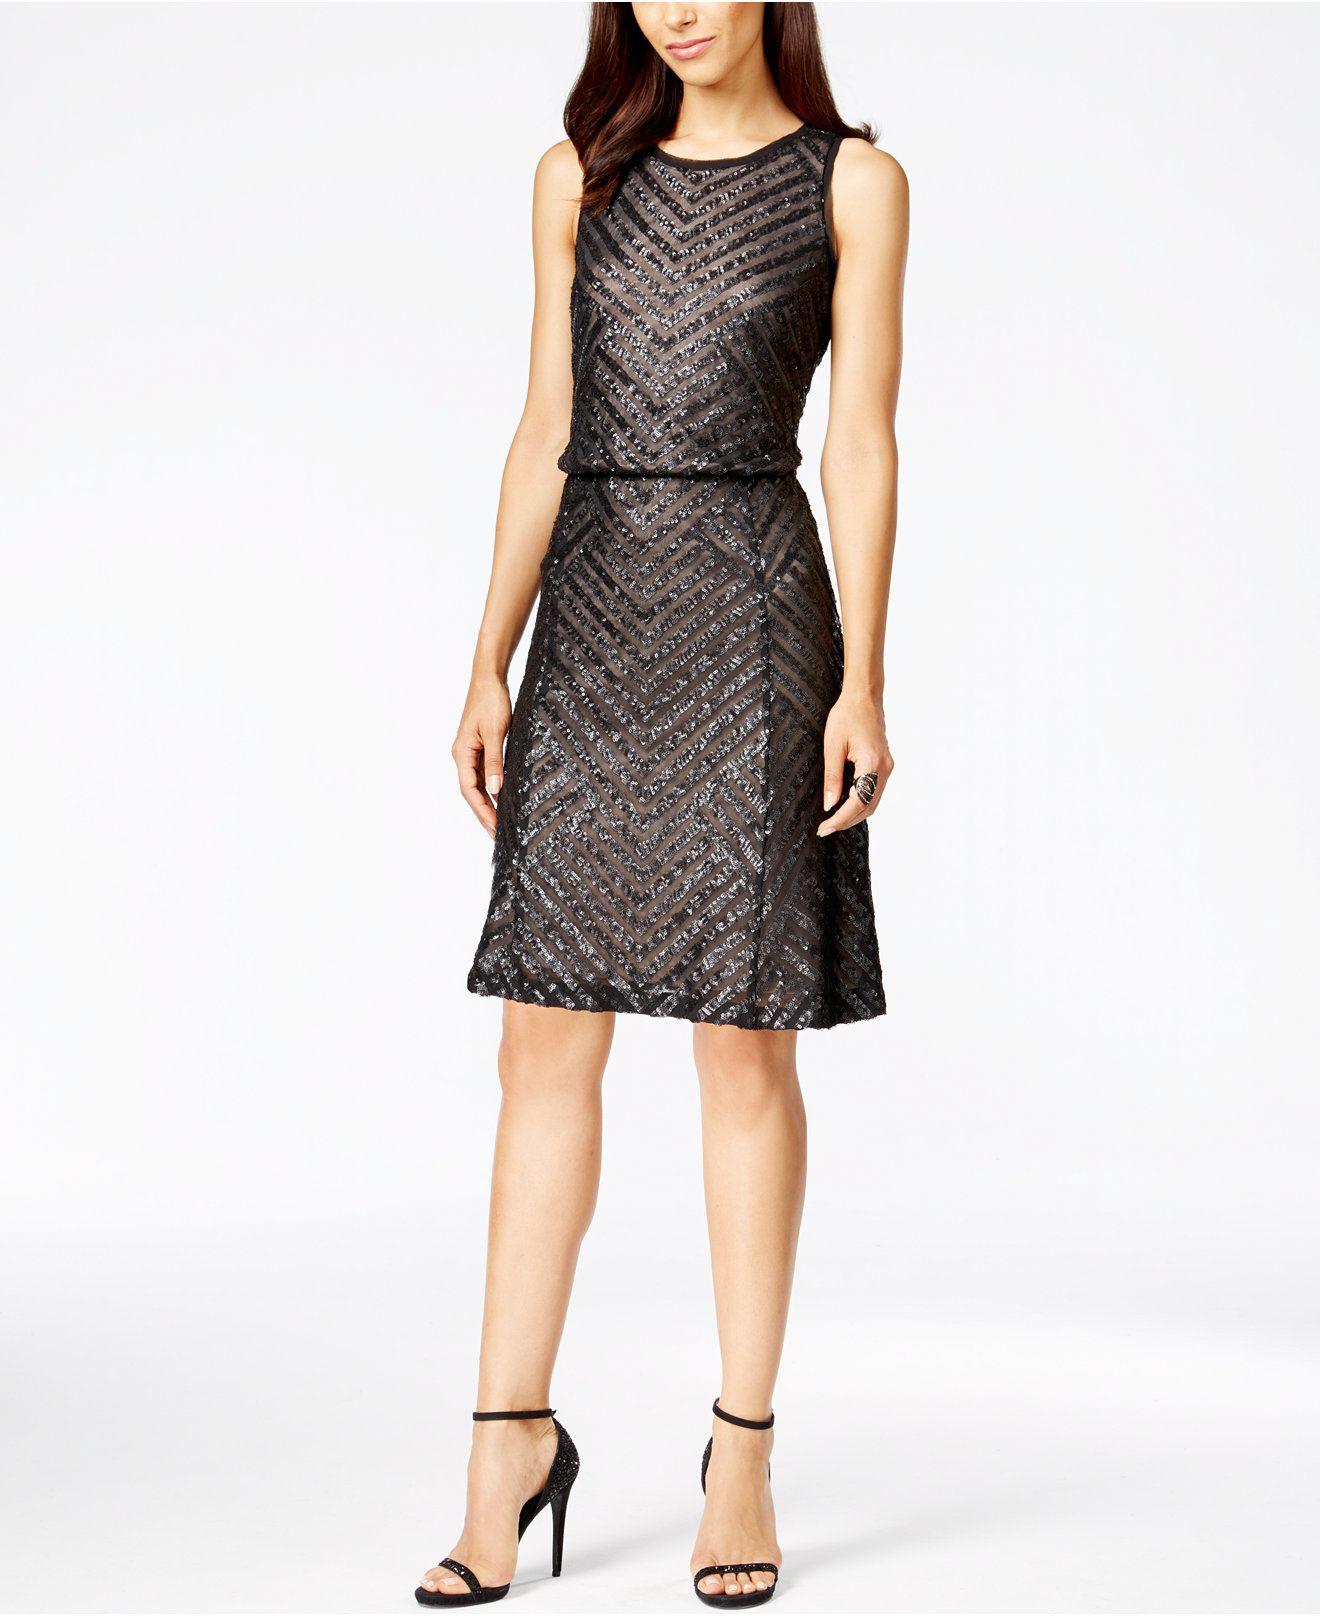 Calvin Klein Sequined Blouson Dress - Dresses - Women - Macy's $209